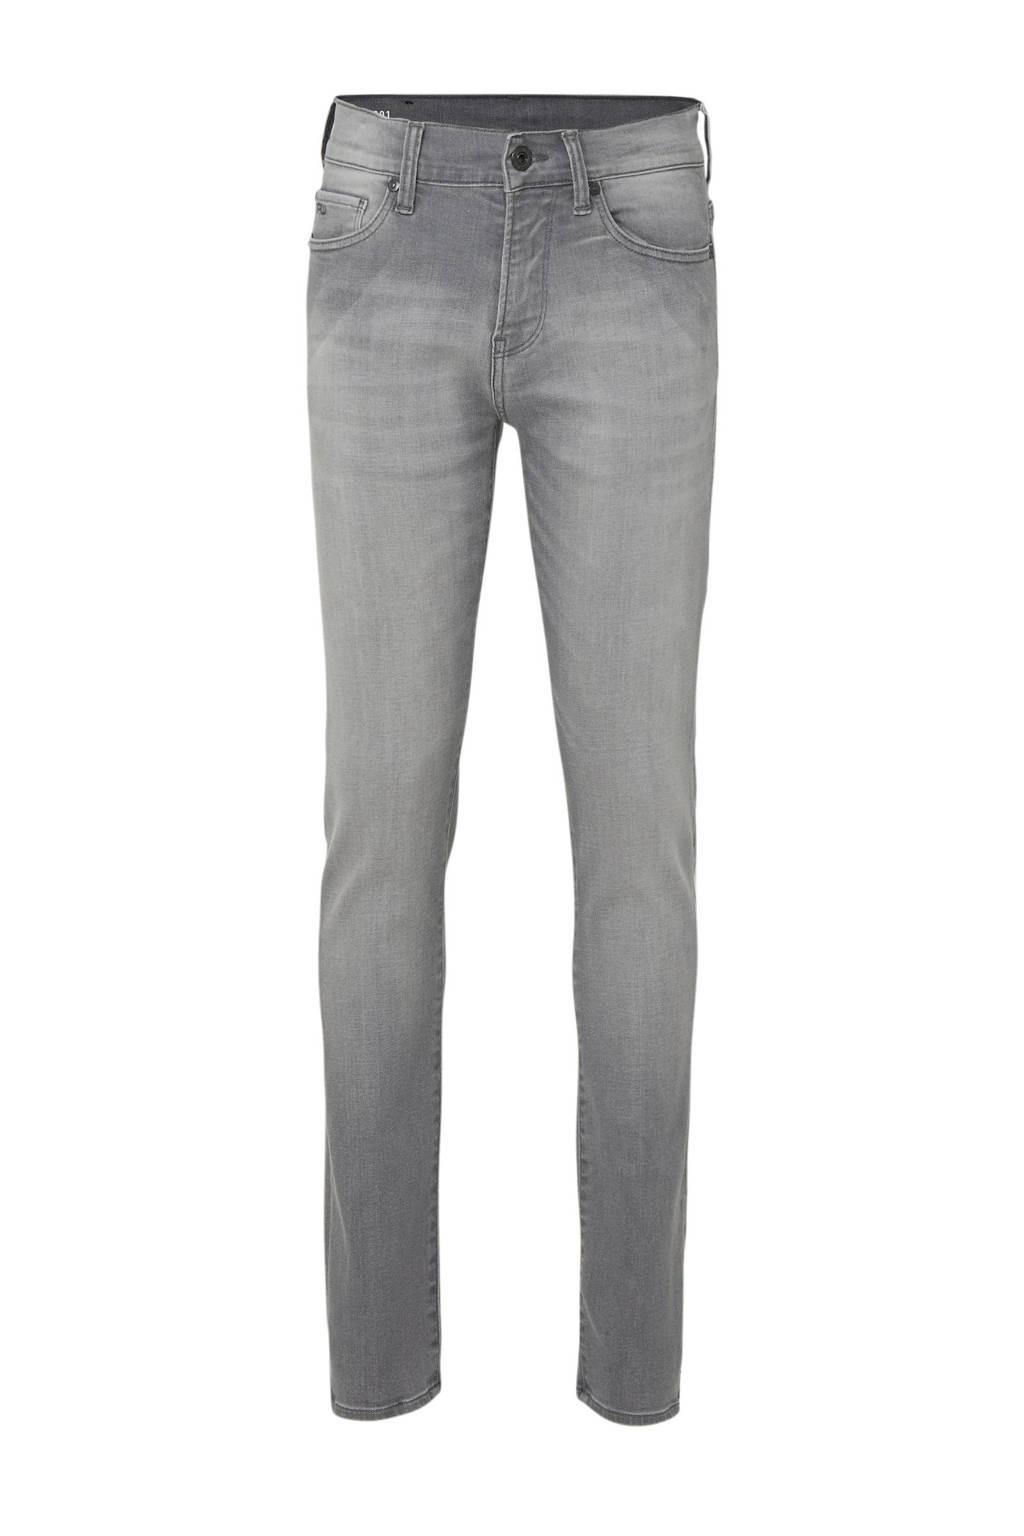 G-Star RAW slim fit jeans grijs, Grijs